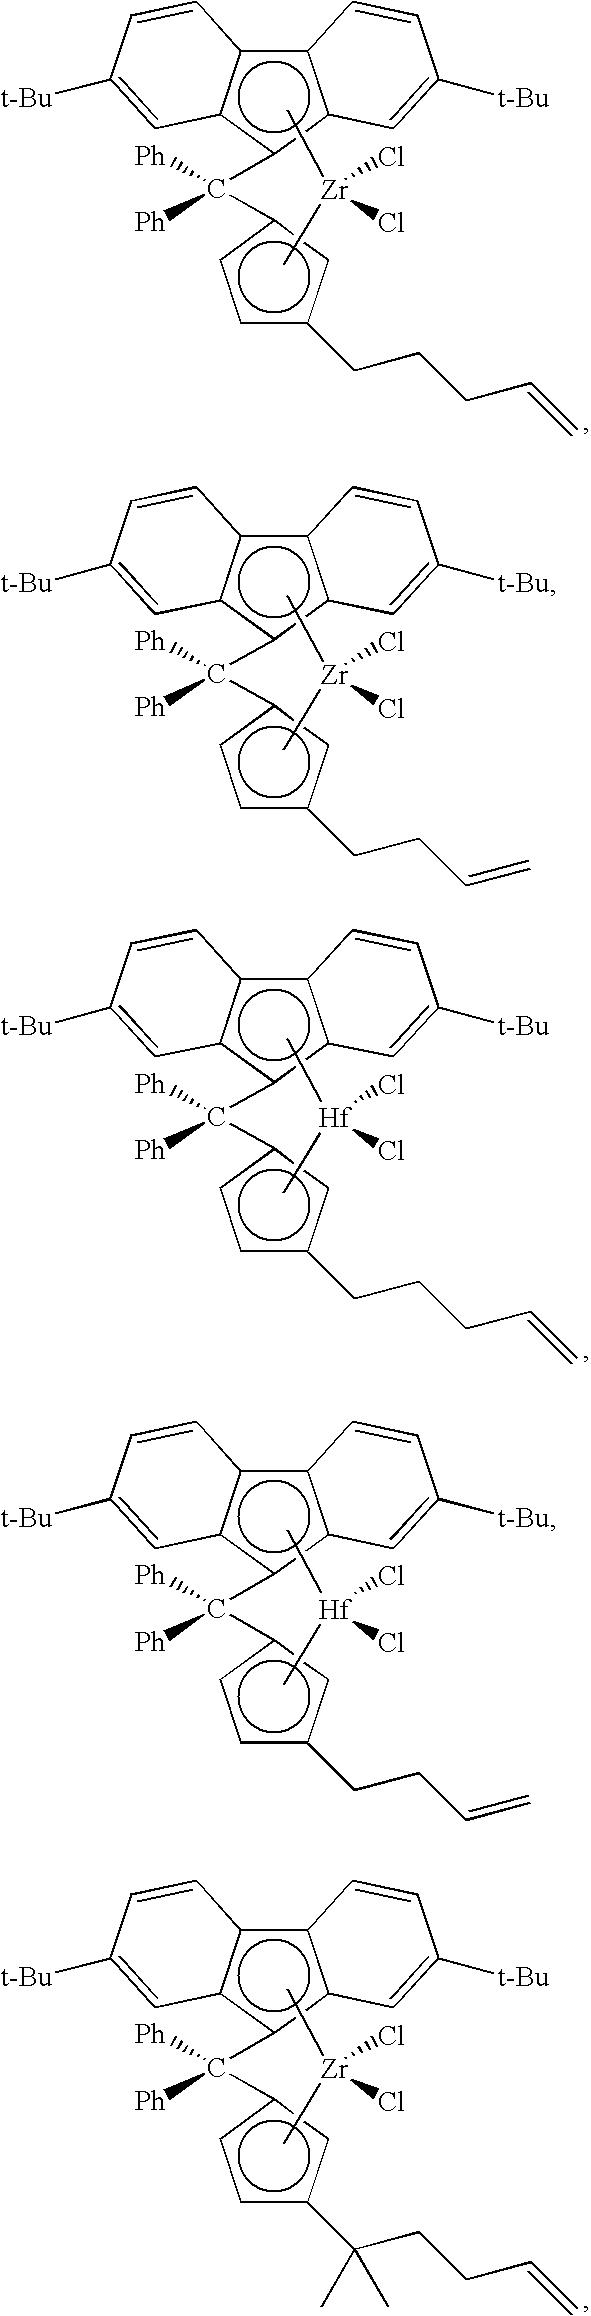 Figure US07517939-20090414-C00030